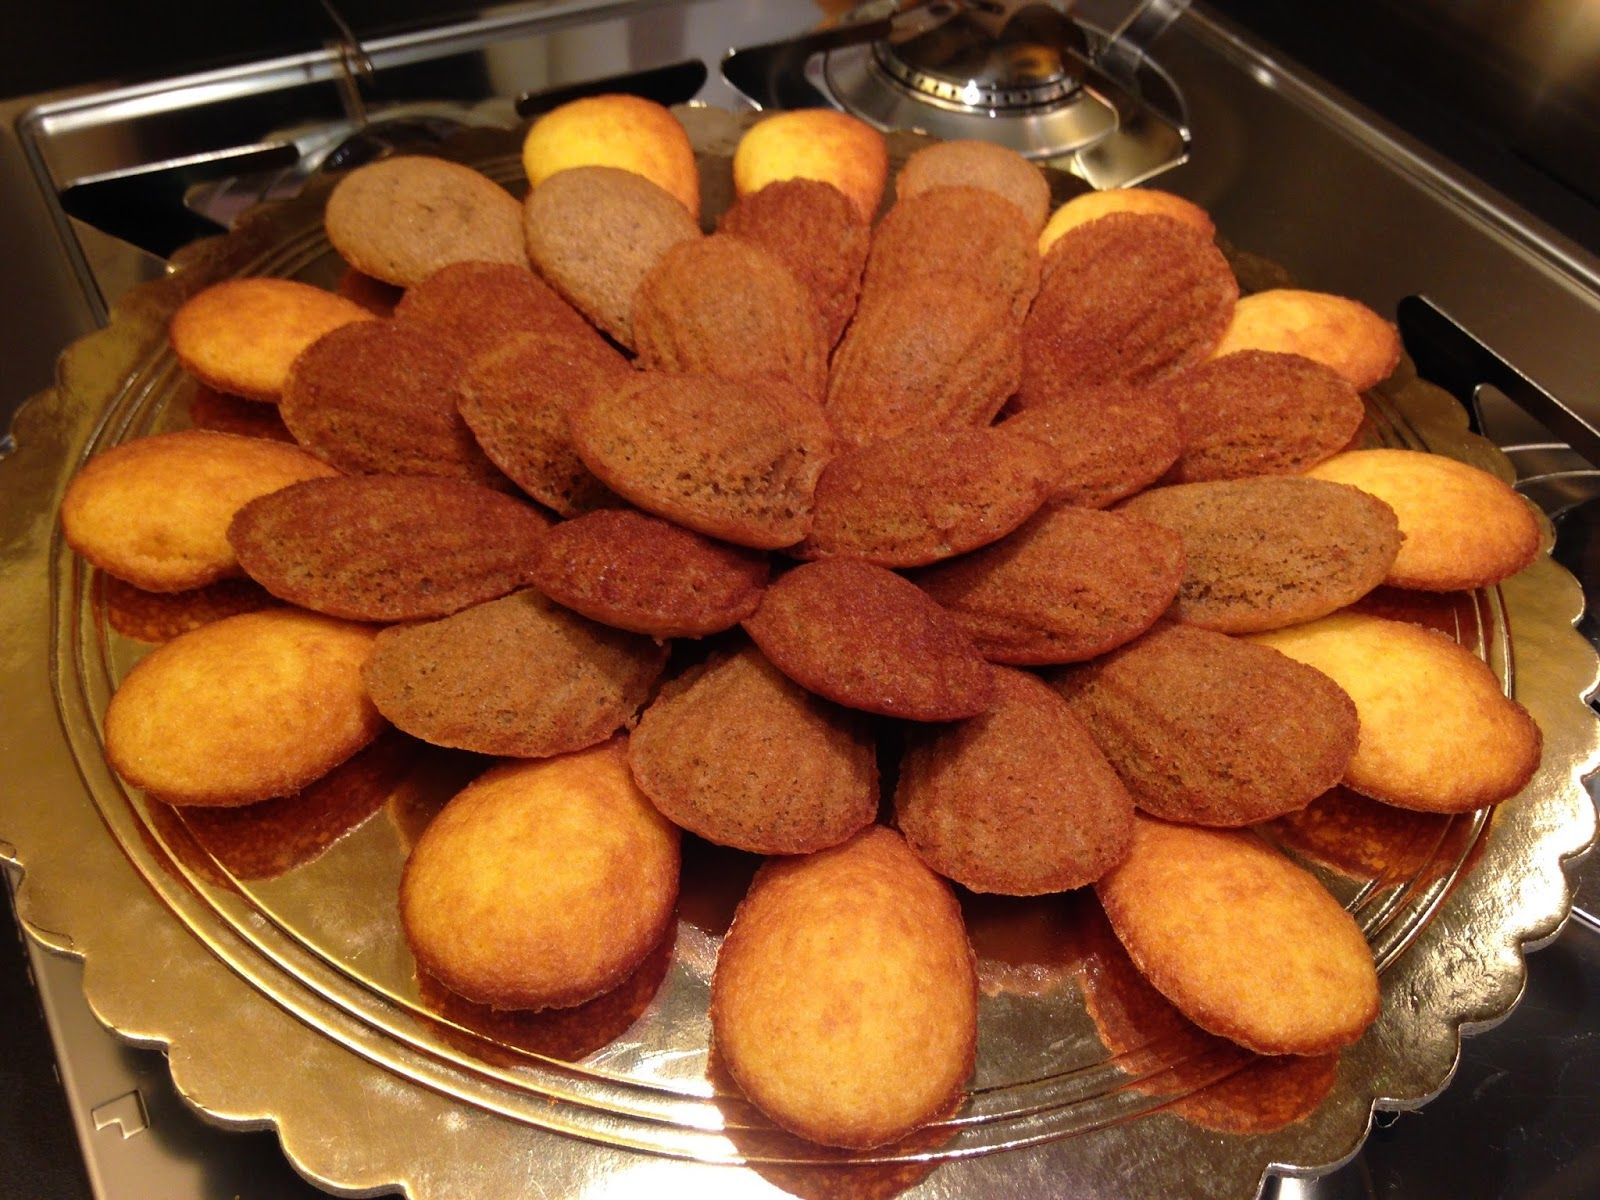 Buon giorno, buon martedì Bimbyni e Bimbyne!!! :D                            Dolcetto accompagnato...!!! :D   Provate questa ricetta e ditemi se vi piace!!! :D    http://www.bimby-ricette.it/2015/11/con-e-senza-bimby-madeleine-e-madeleine.html